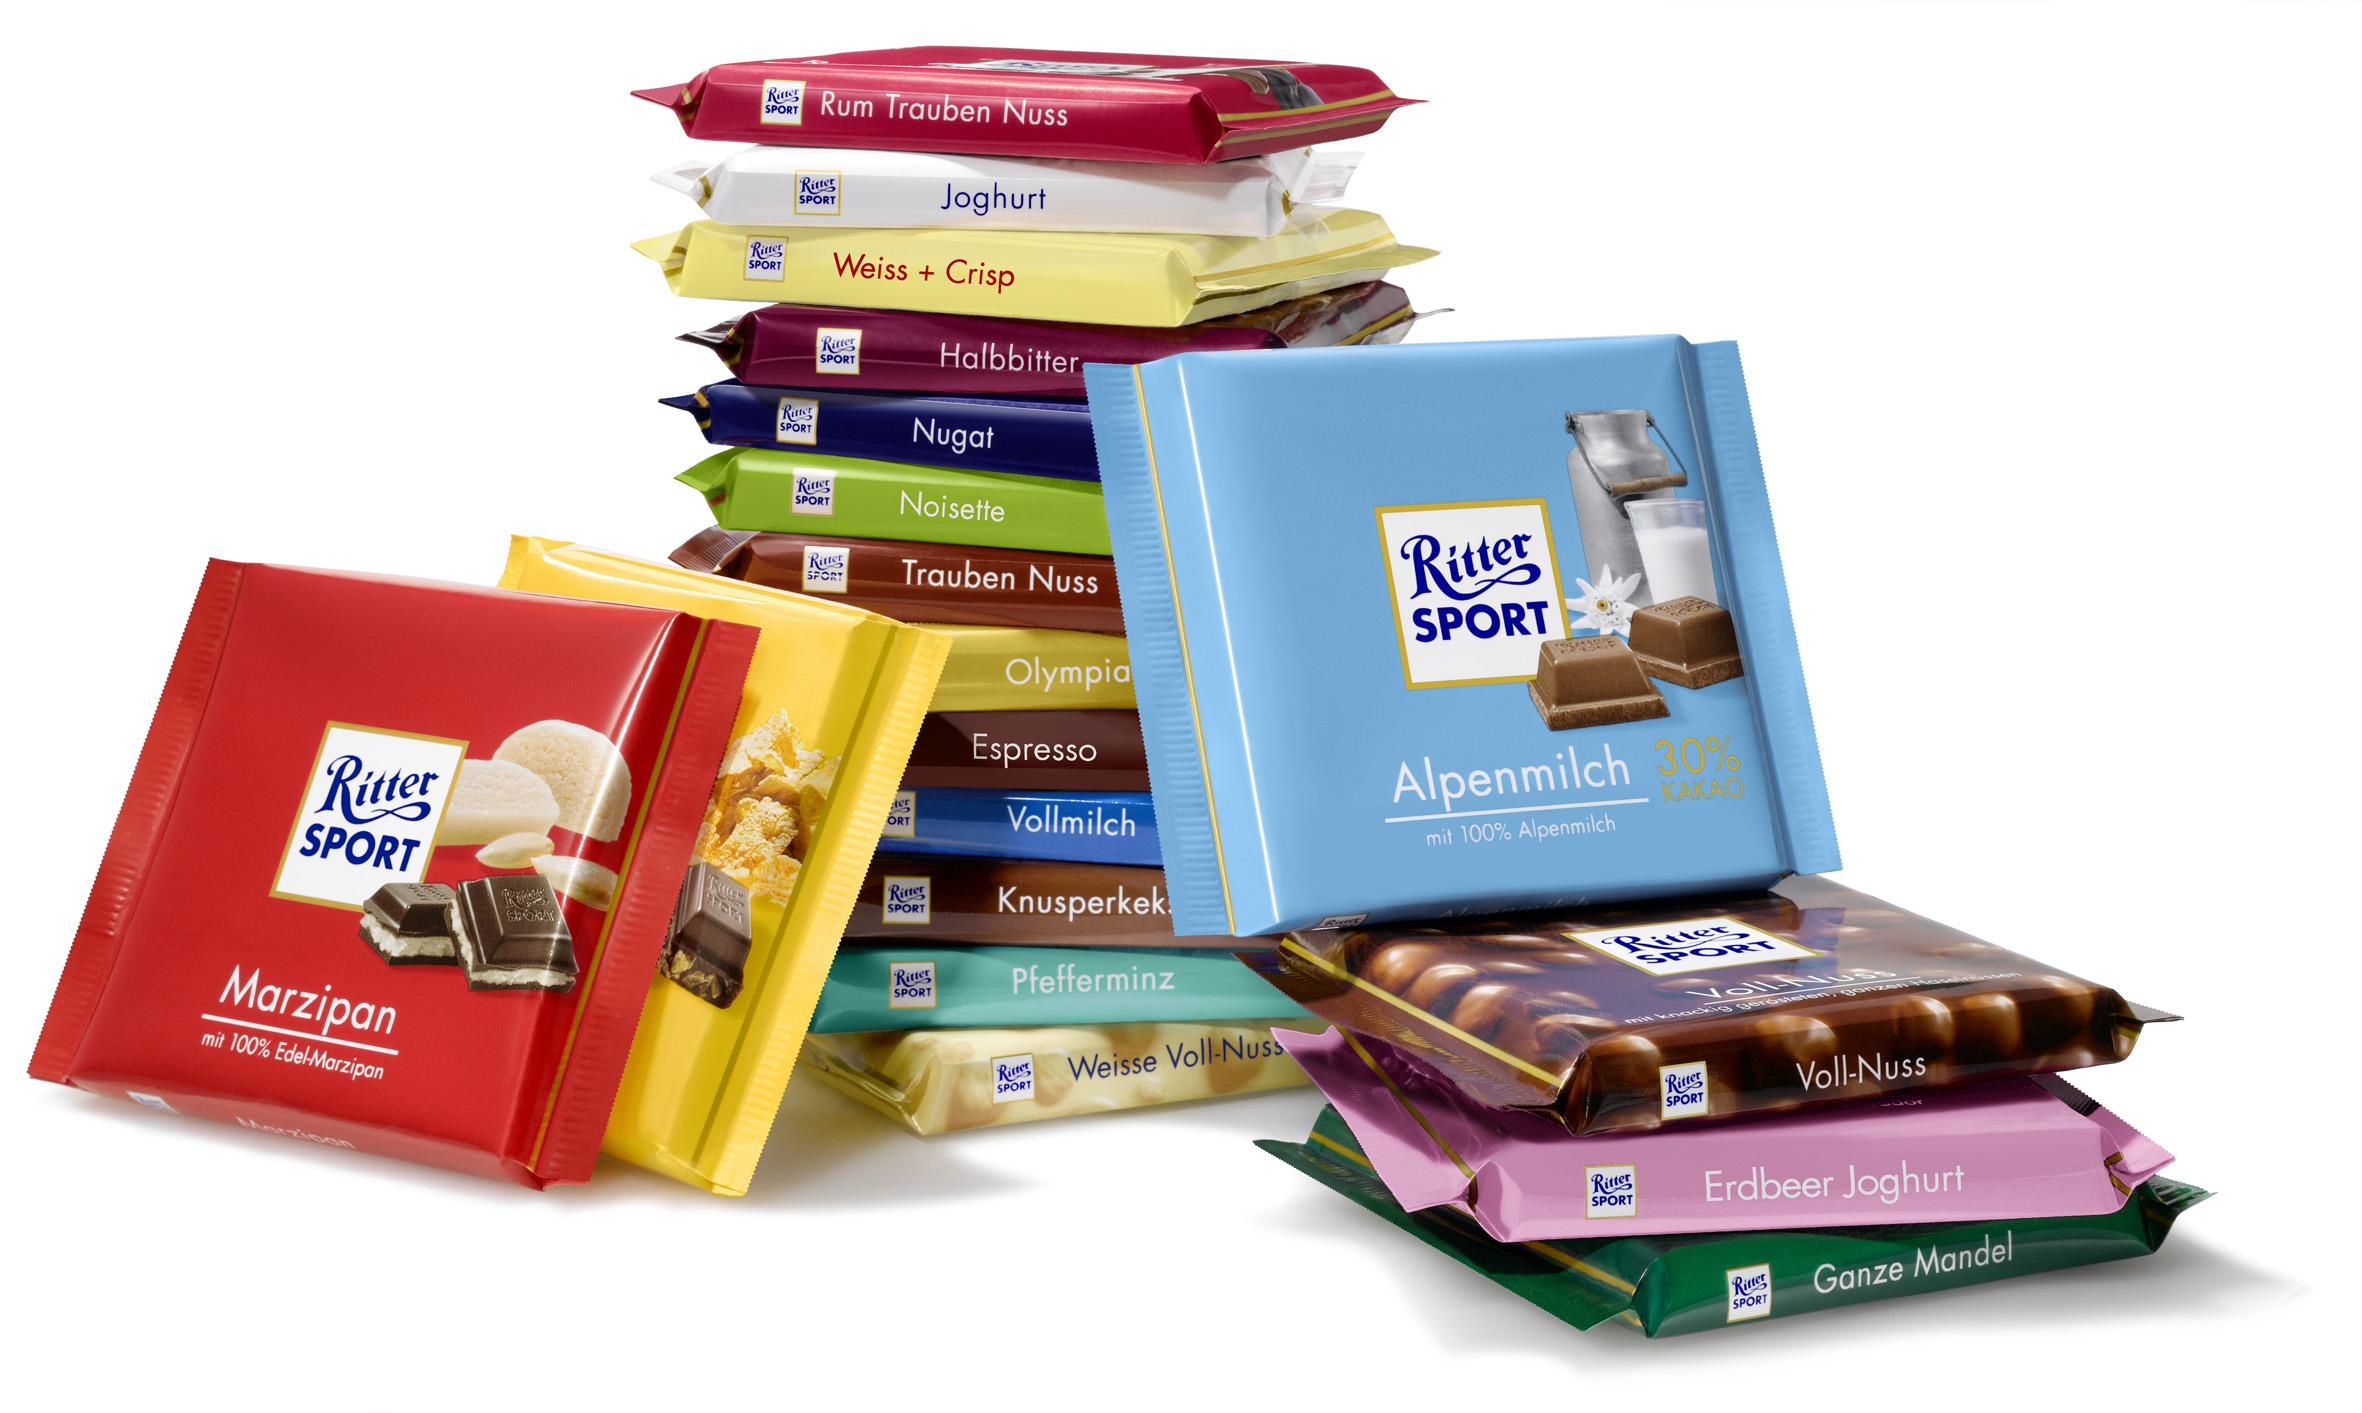 [Kaufland] Ritter Sport Schokolade 100g verschiedene Sorten (Bundesweit)